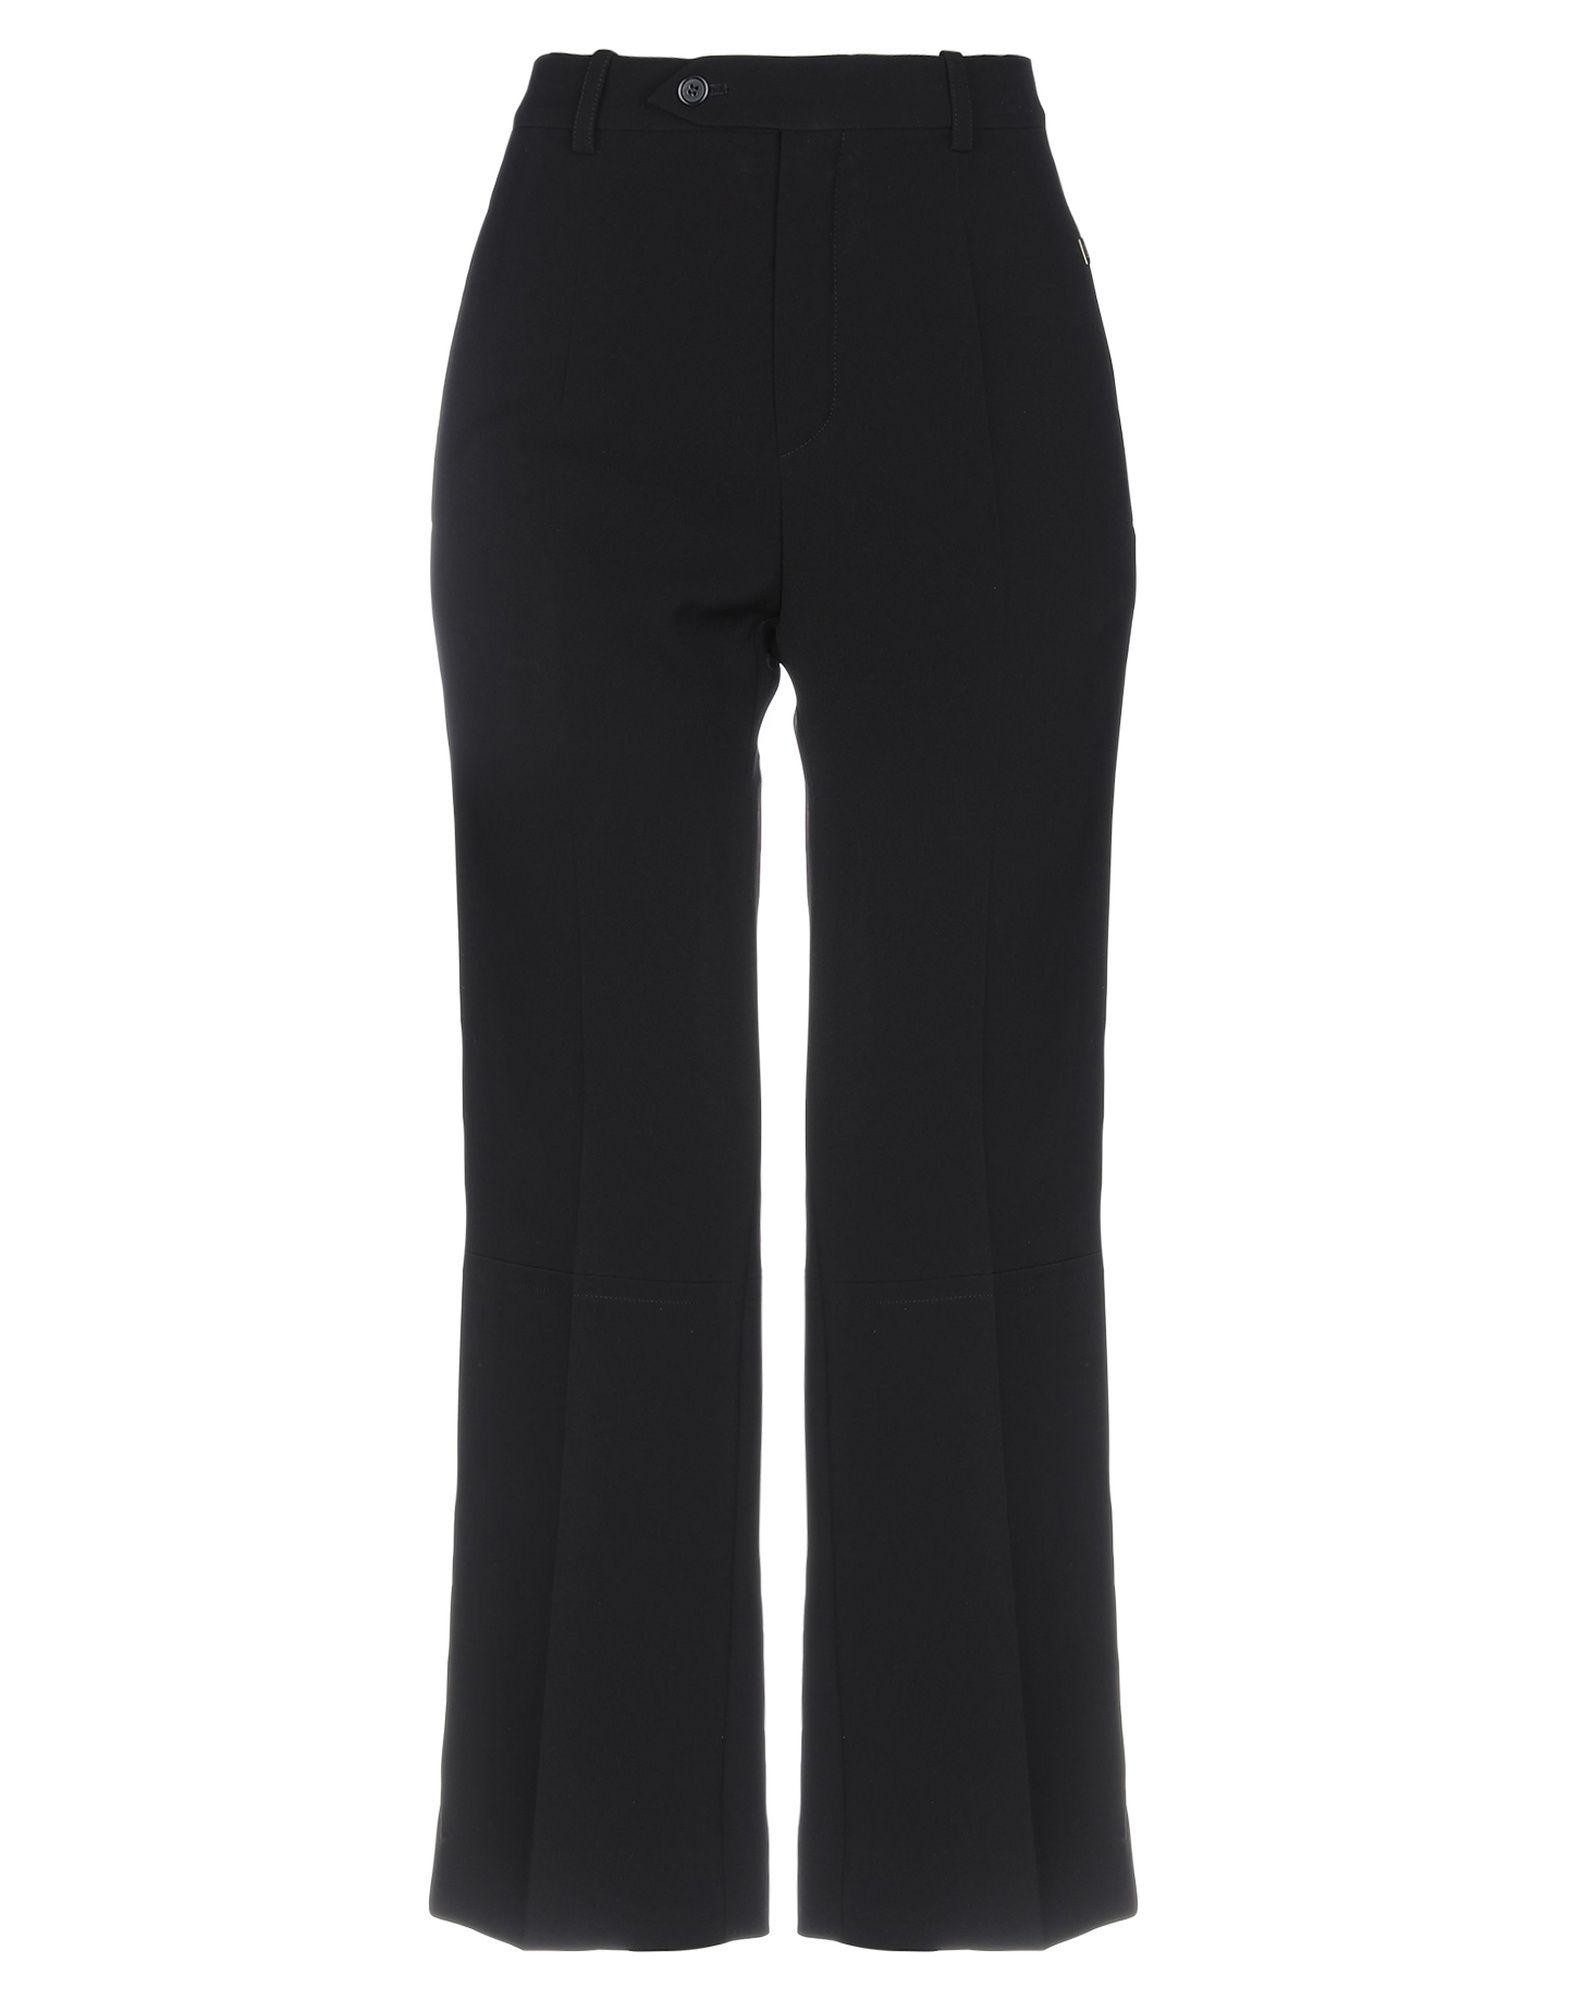 Pantalone Chloé damen - 13334456JQ